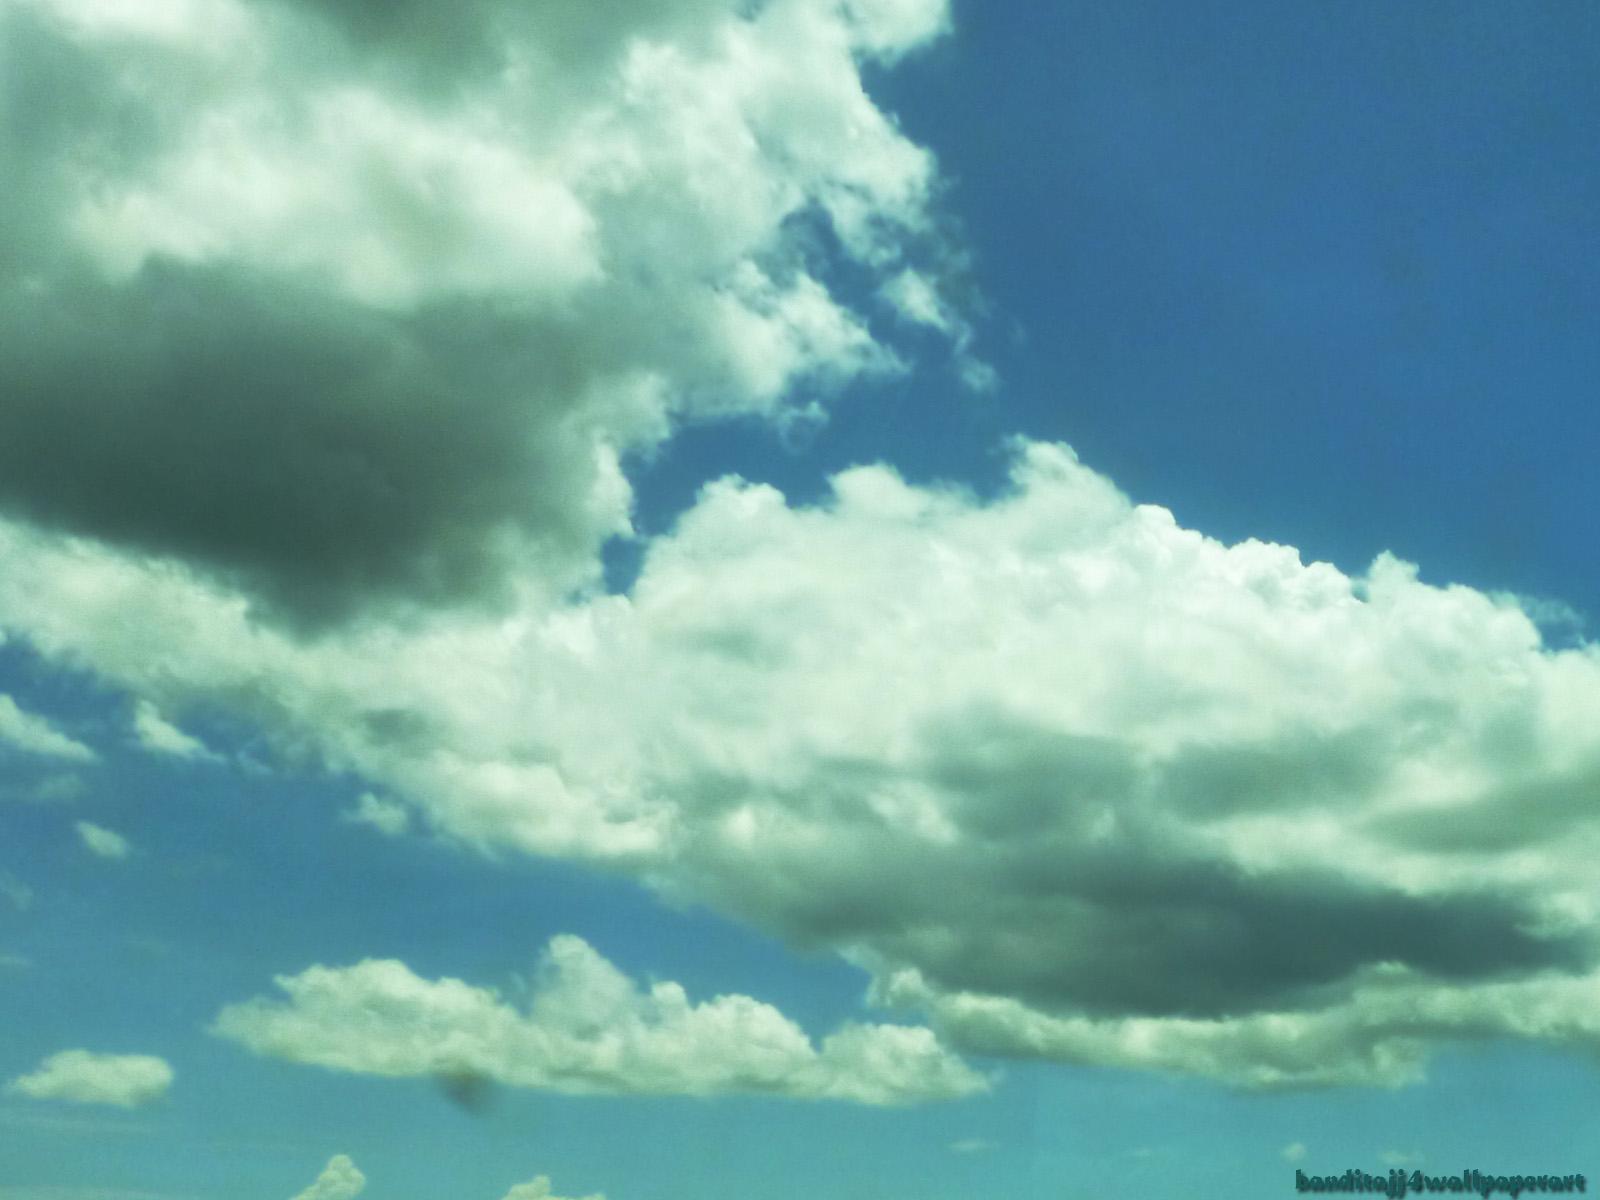 http://4.bp.blogspot.com/-sr4fWhsOdCc/TviMSe4wgNI/AAAAAAAABG4/TLltjfUGZ1A/s1600/clouds-photos-wallpaper-sky-blue.jpg